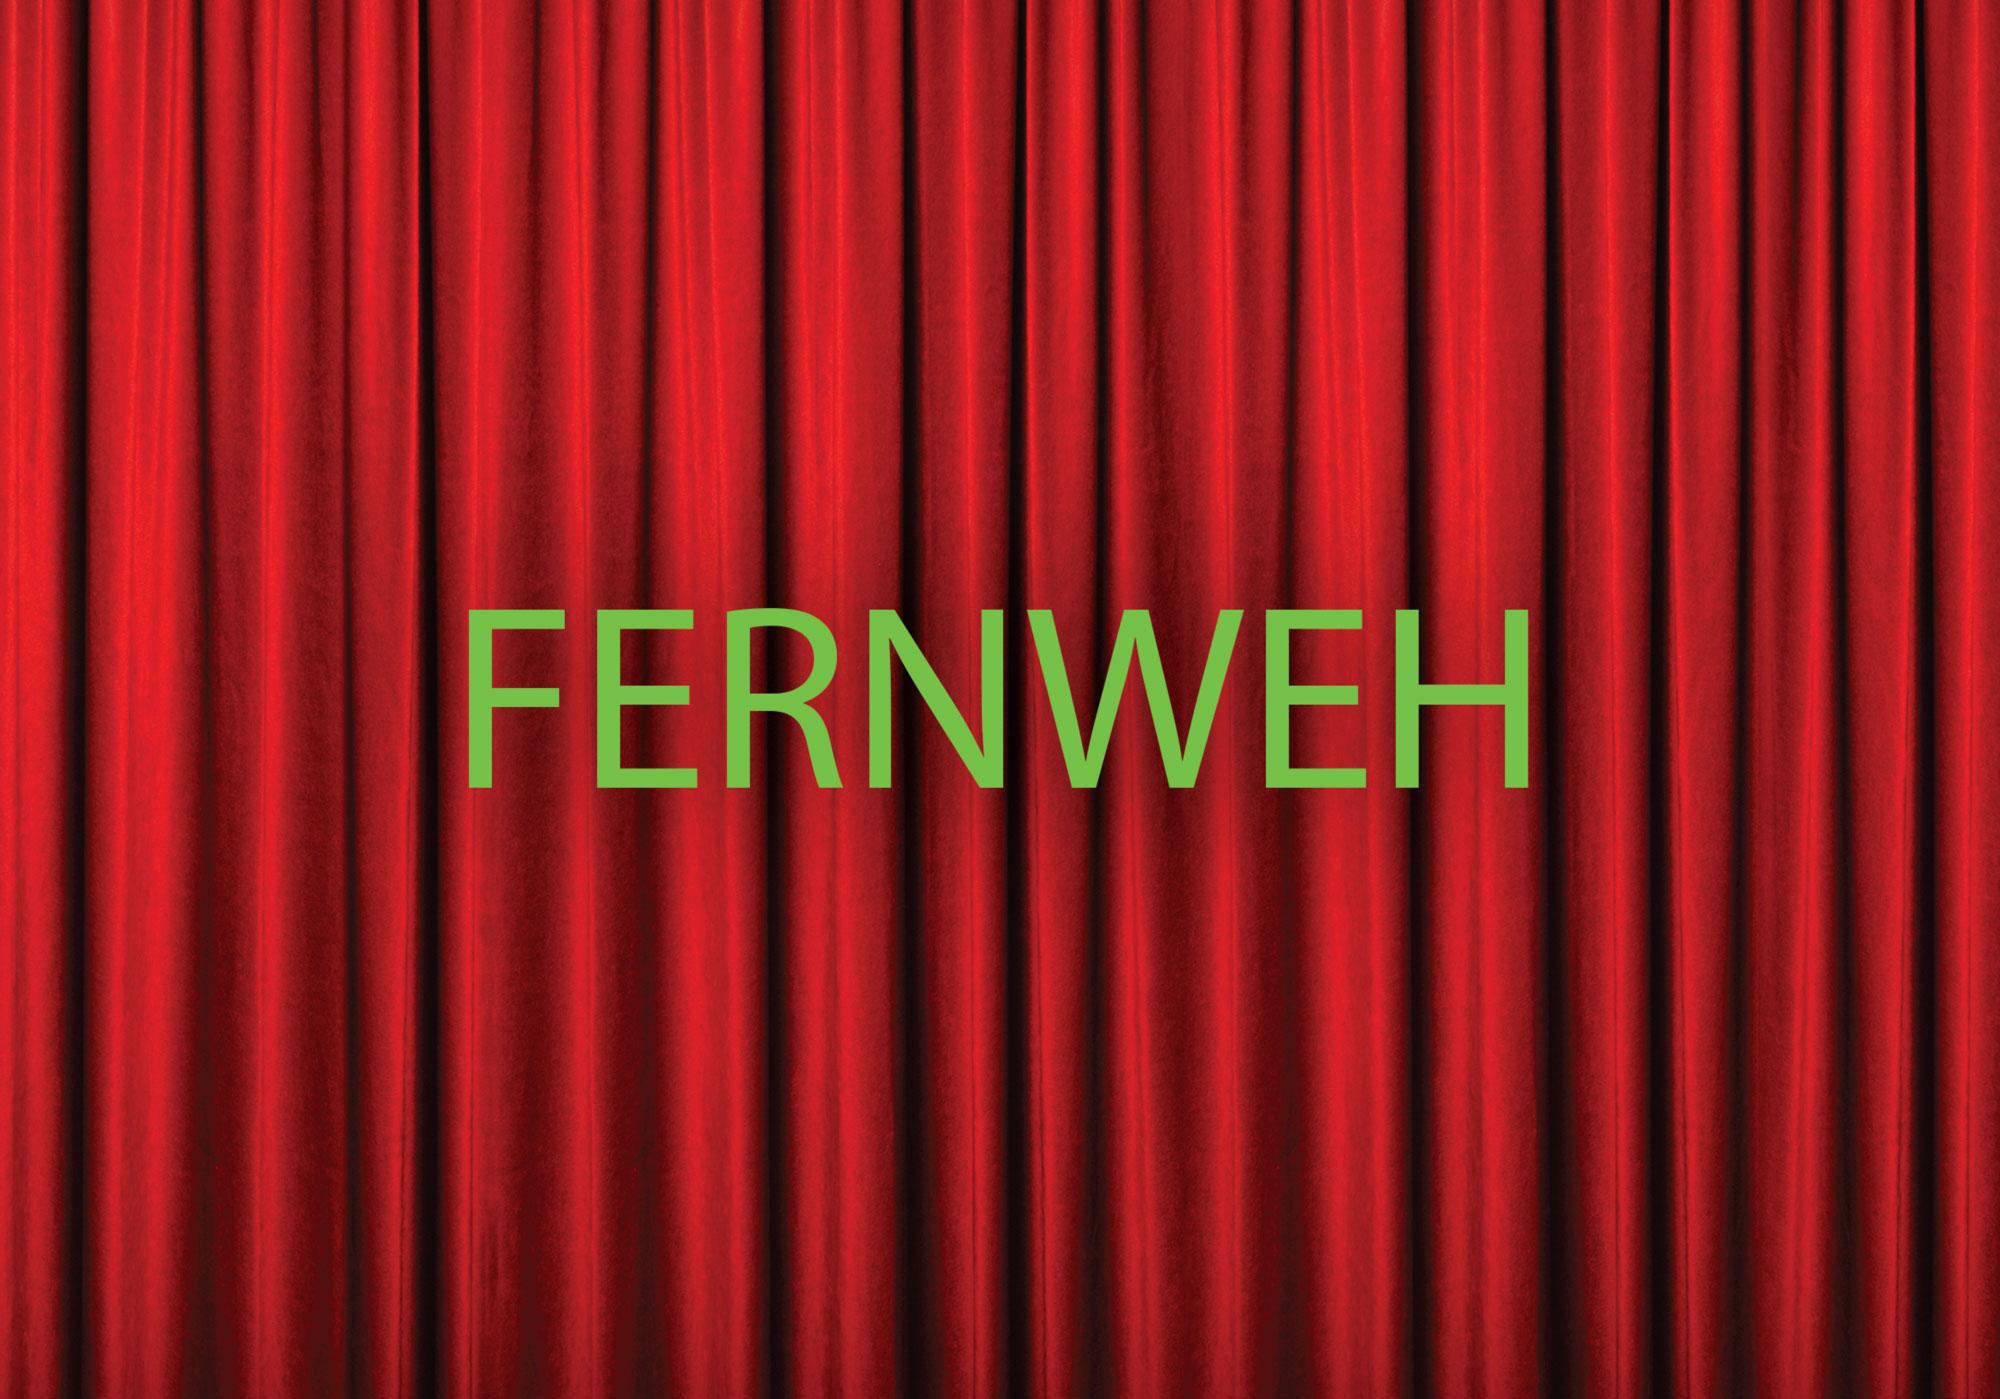 fernweh-1